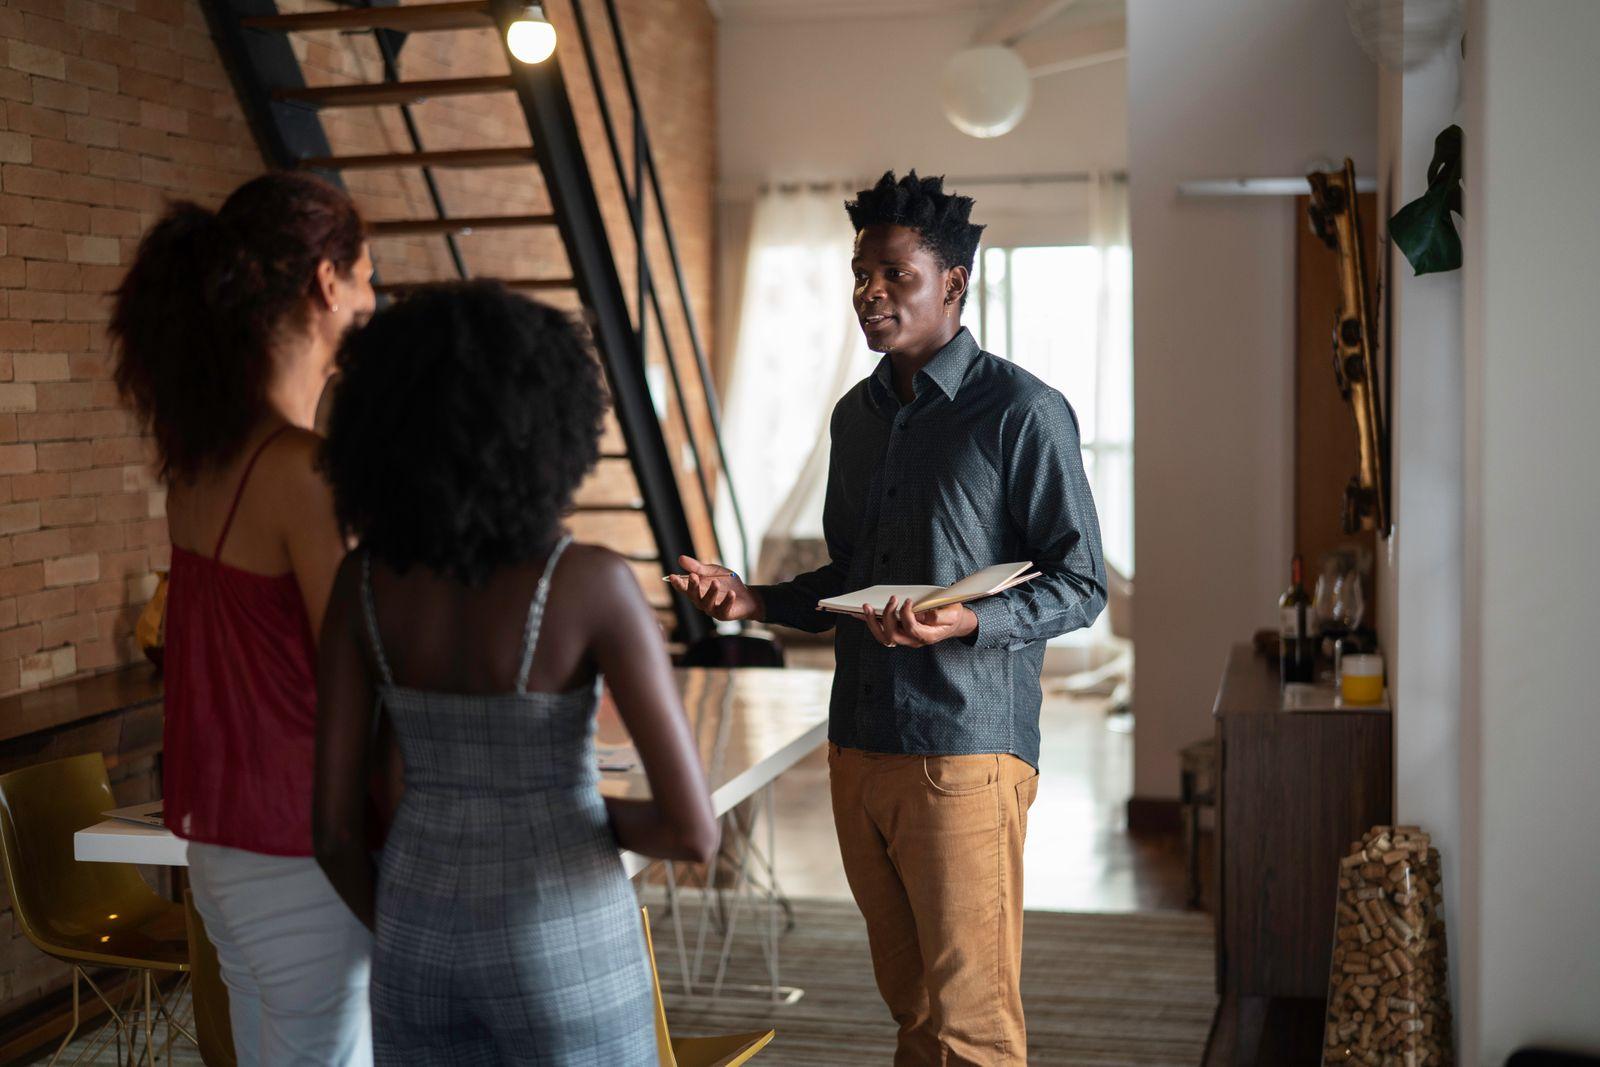 visite appartement pour trouver le prochain locataire ou la prochaine locatrice